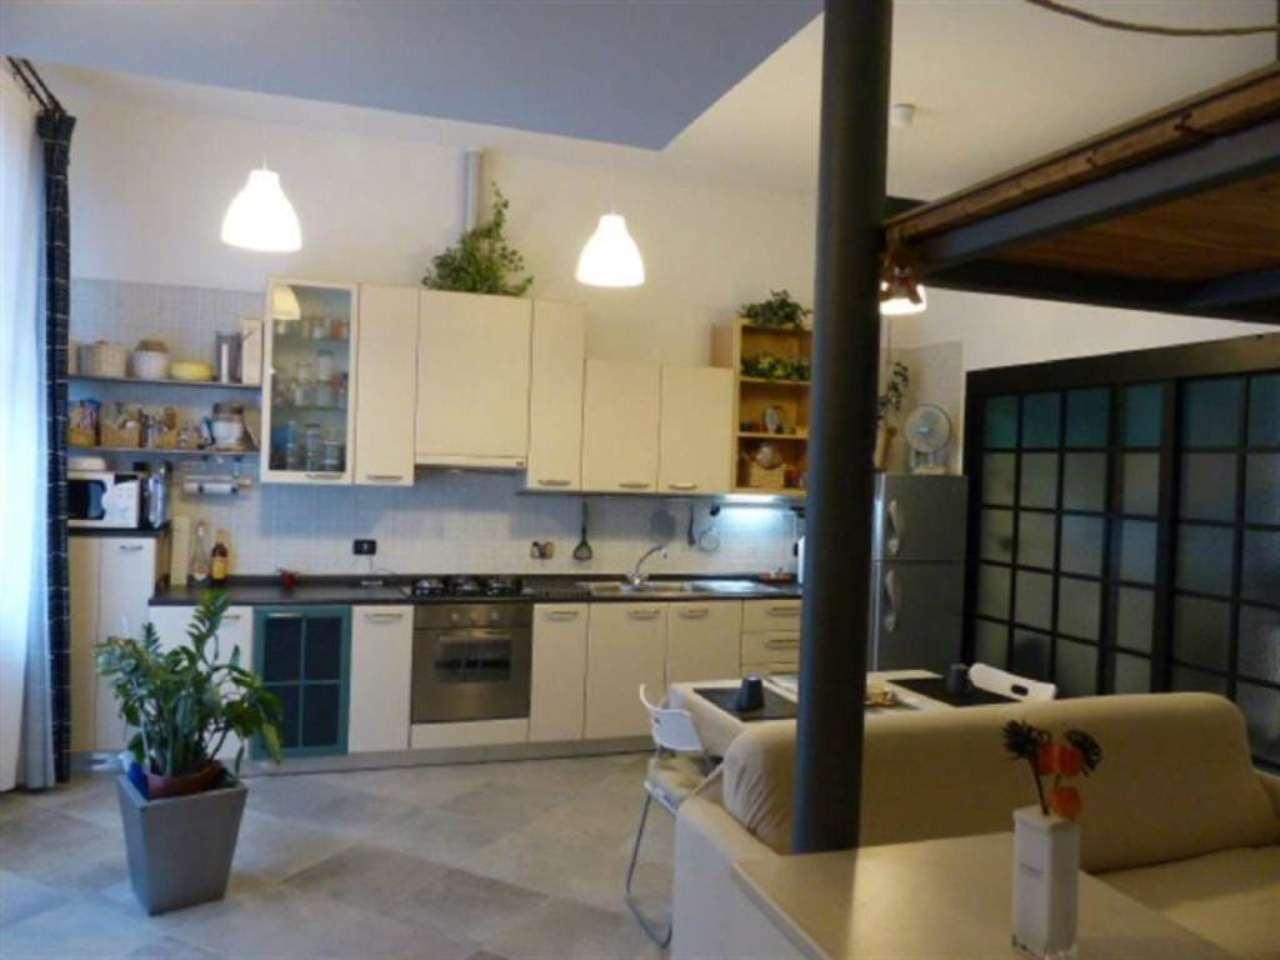 Appartamento in vendita a Sestri Levante, 3 locali, prezzo € 235.000 | CambioCasa.it